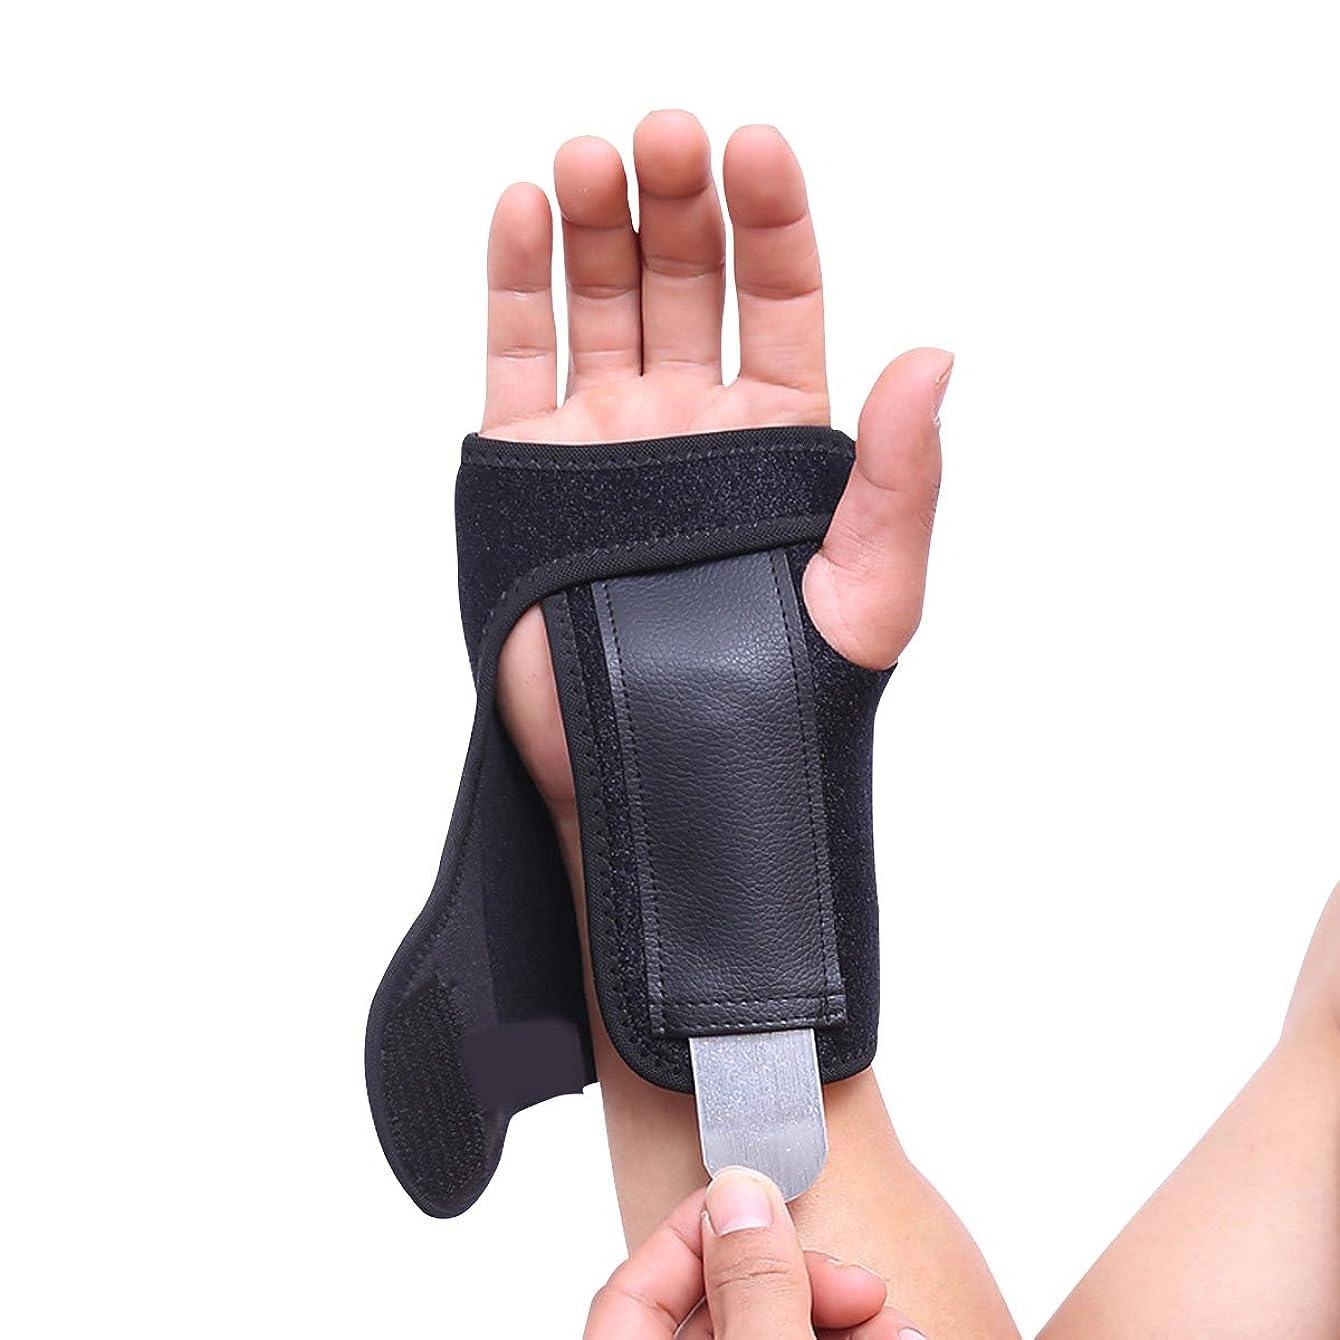 エリート裏切り者名詞ROSENICE リストバンド スポーツ 手首のサポート 保護 手首スプリント 手根管腱炎の痛み捻挫用スチールボード付き(右手)